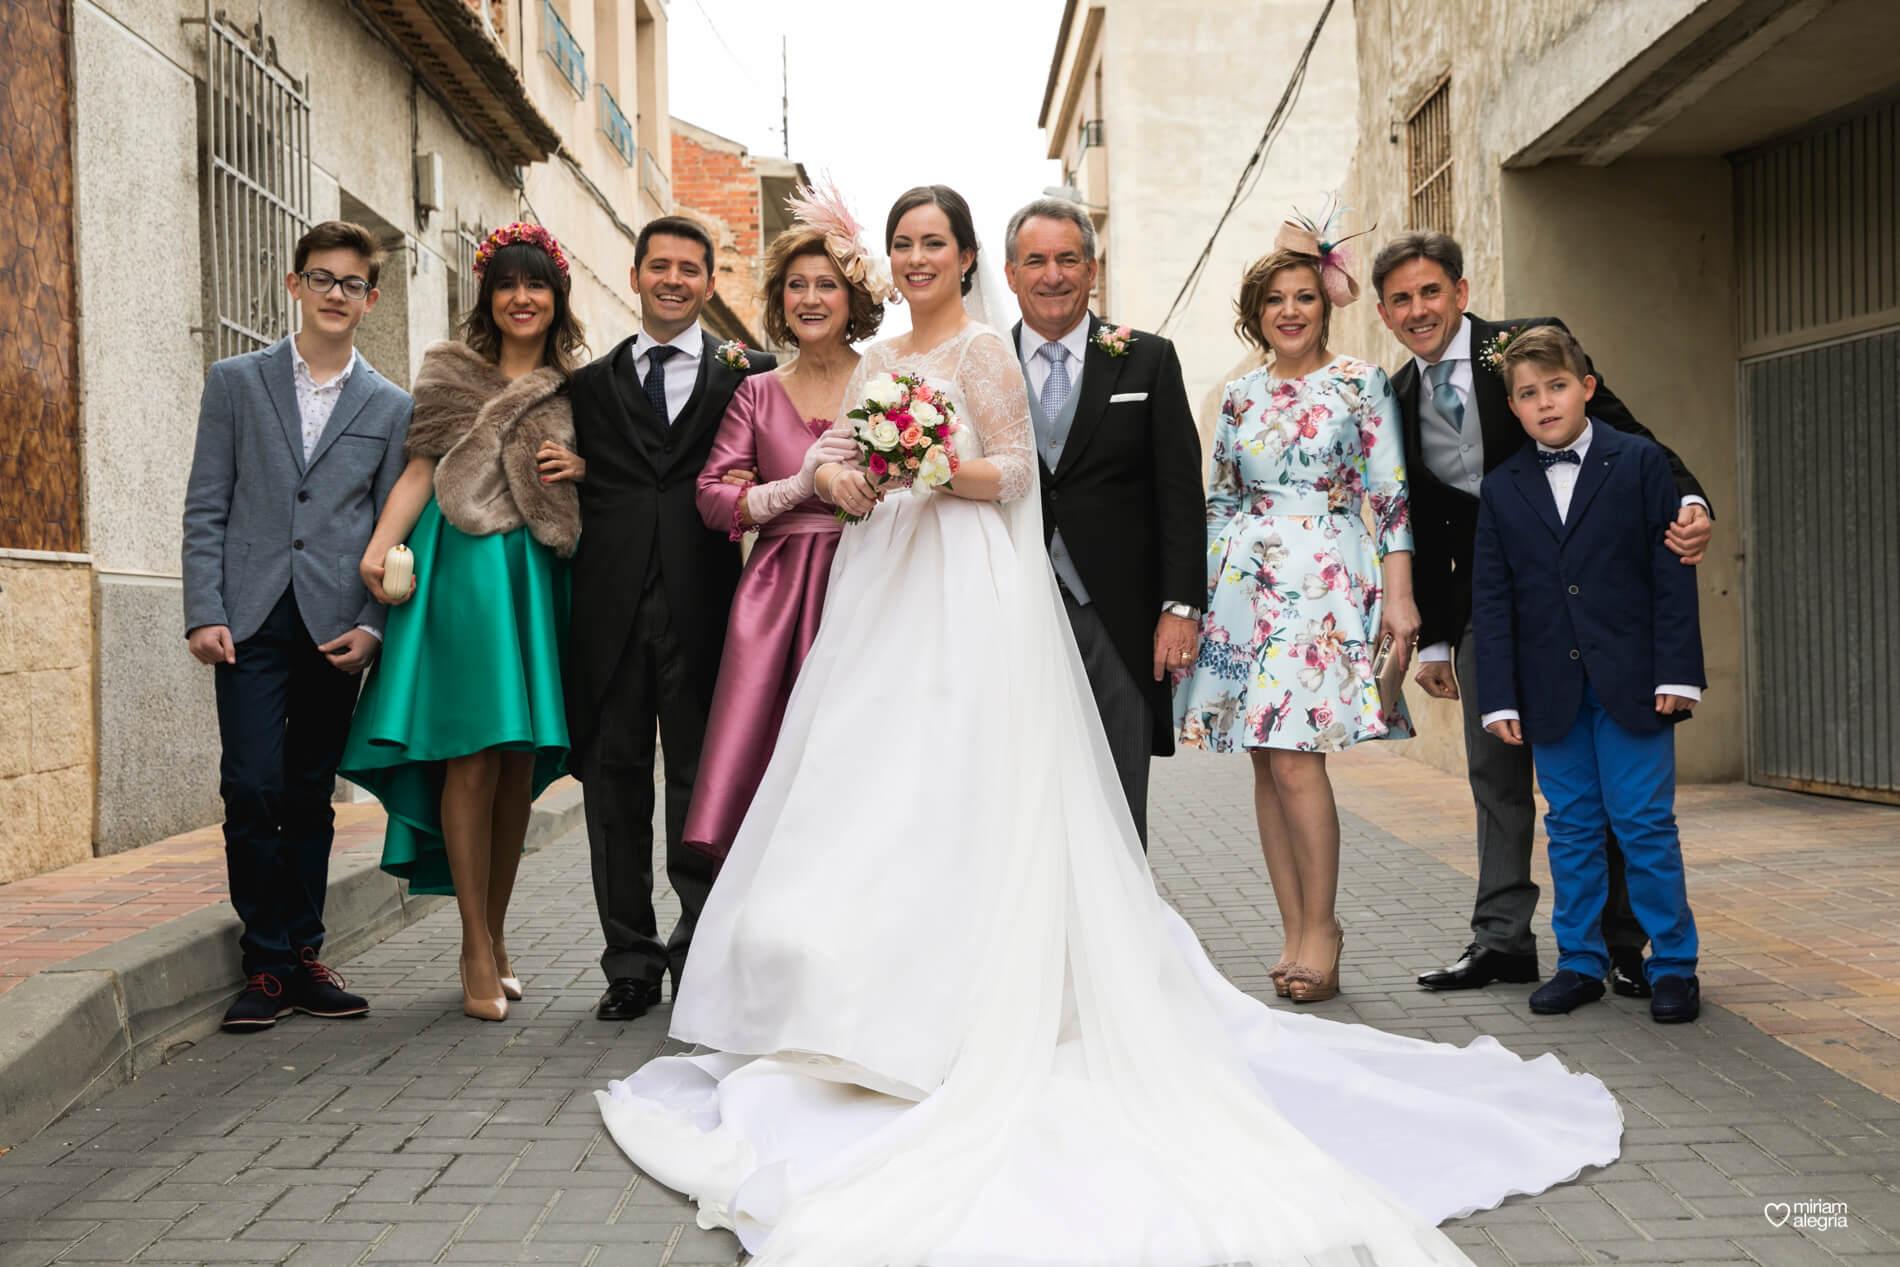 boda-en-el-rincon-huertano-miriam-alegria-fotografos-boda-murcia-31